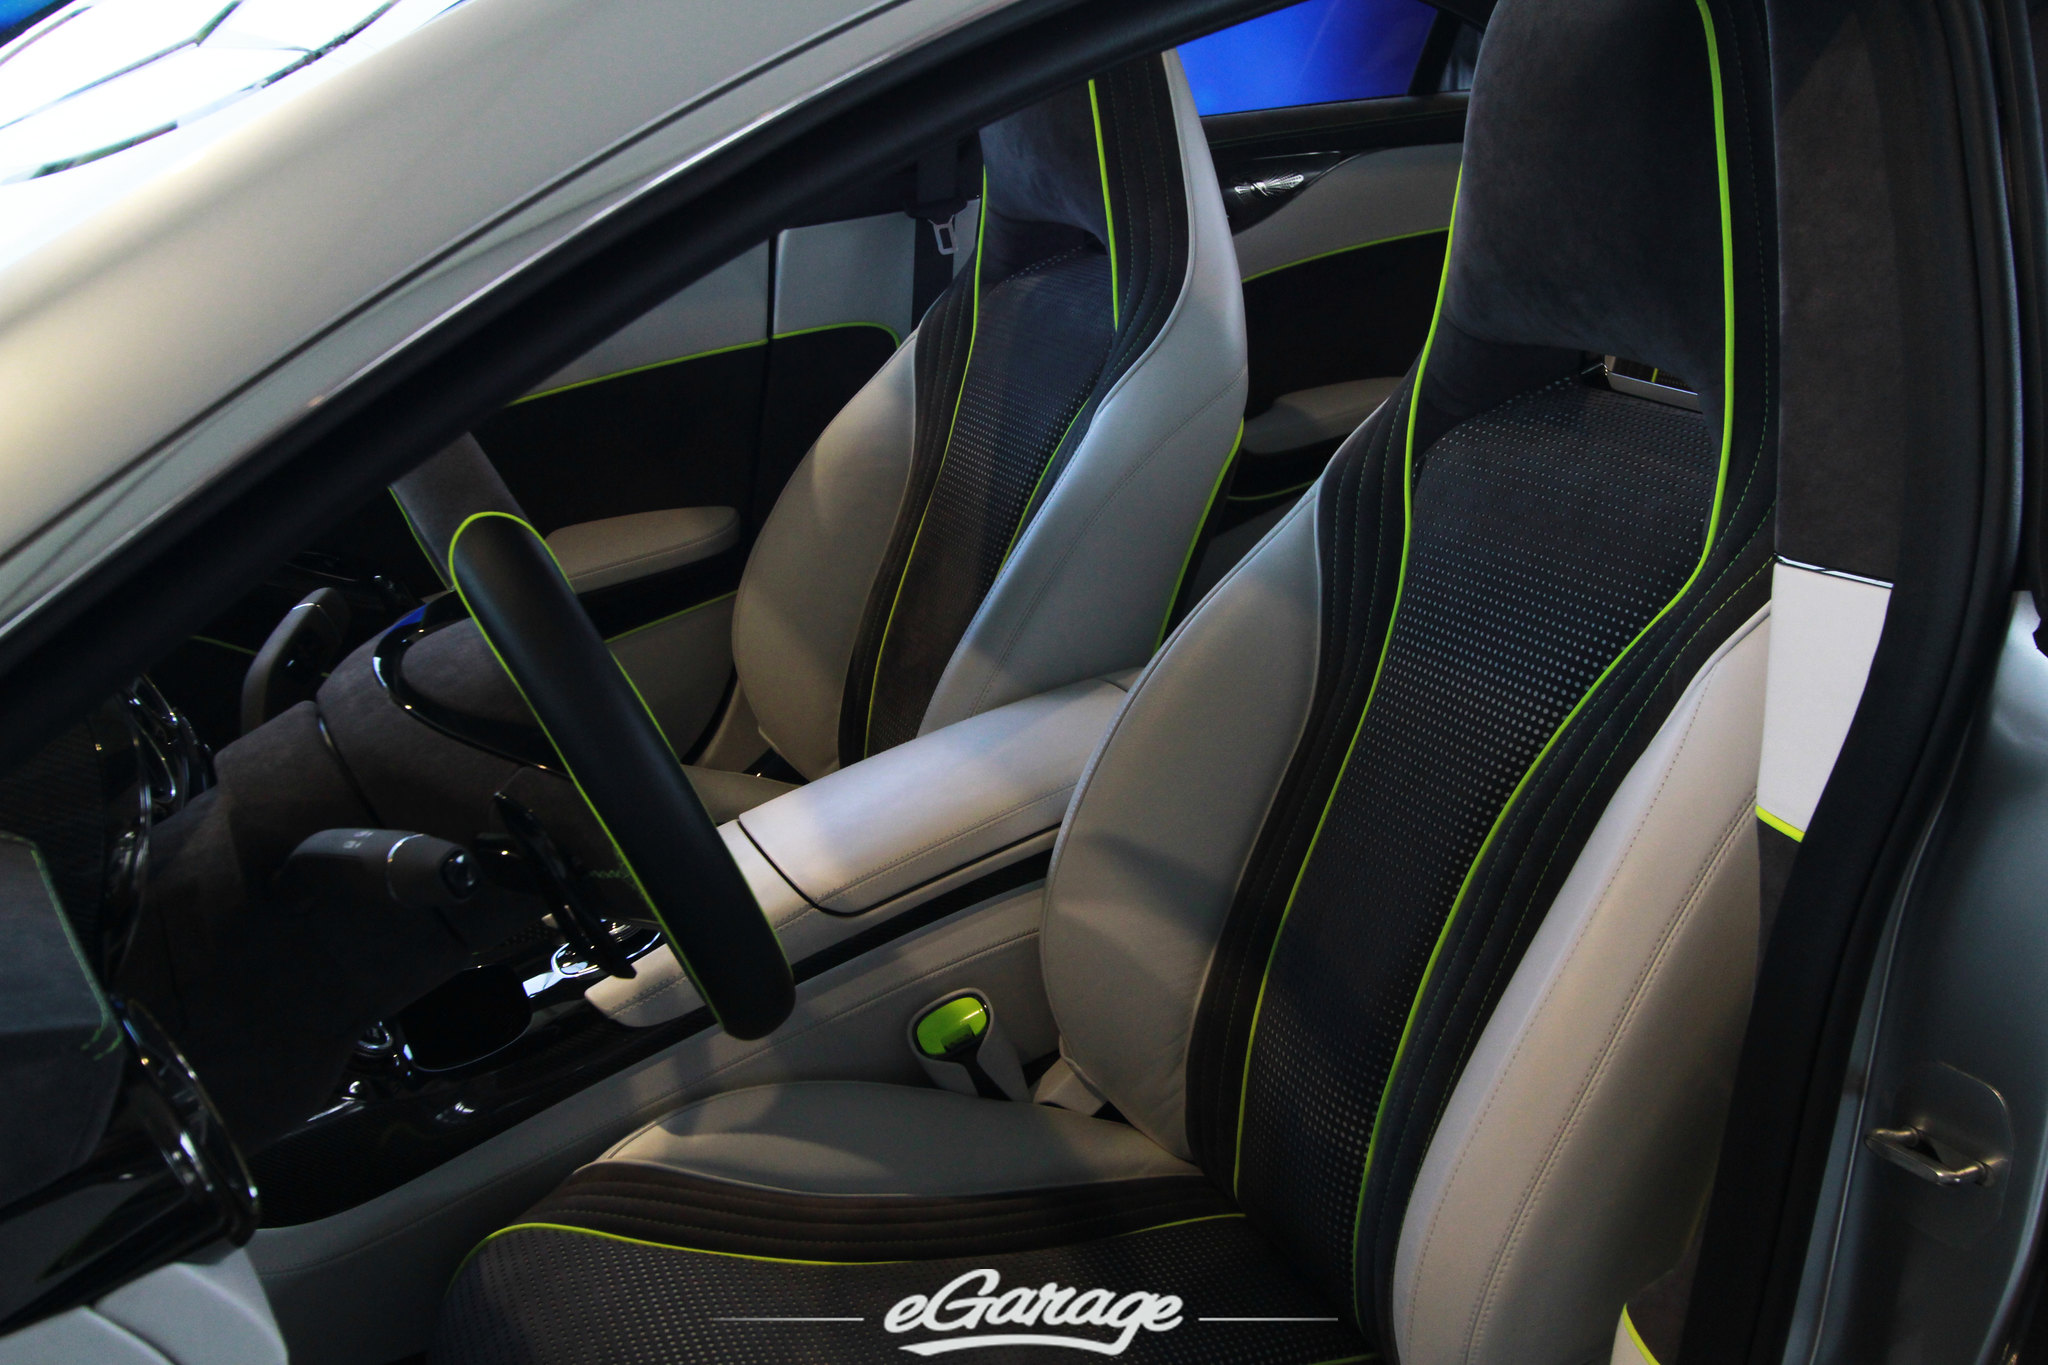 7828962674 331a181824 k Mercedes Benz Classic